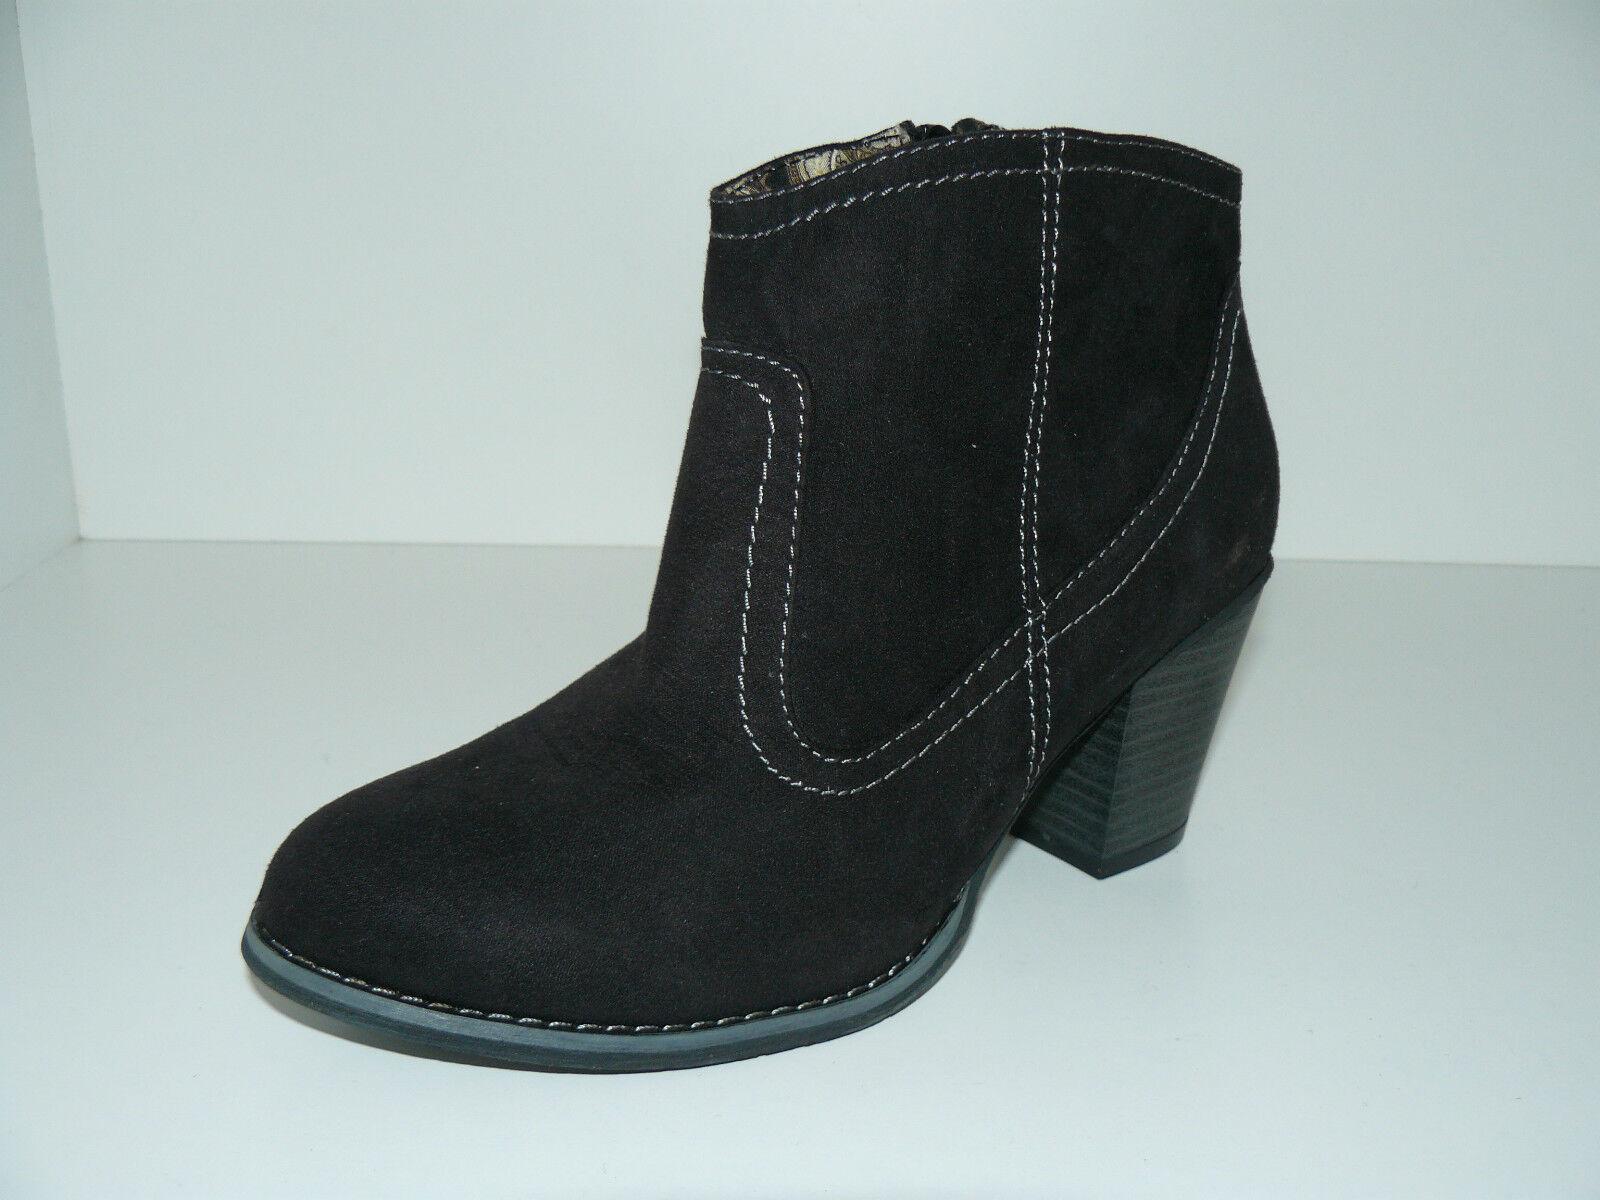 ODGI TRENDS schwarze Stiefeletten Damen Schuhe 38 UK 5 elegant Chelsea Boots NEU